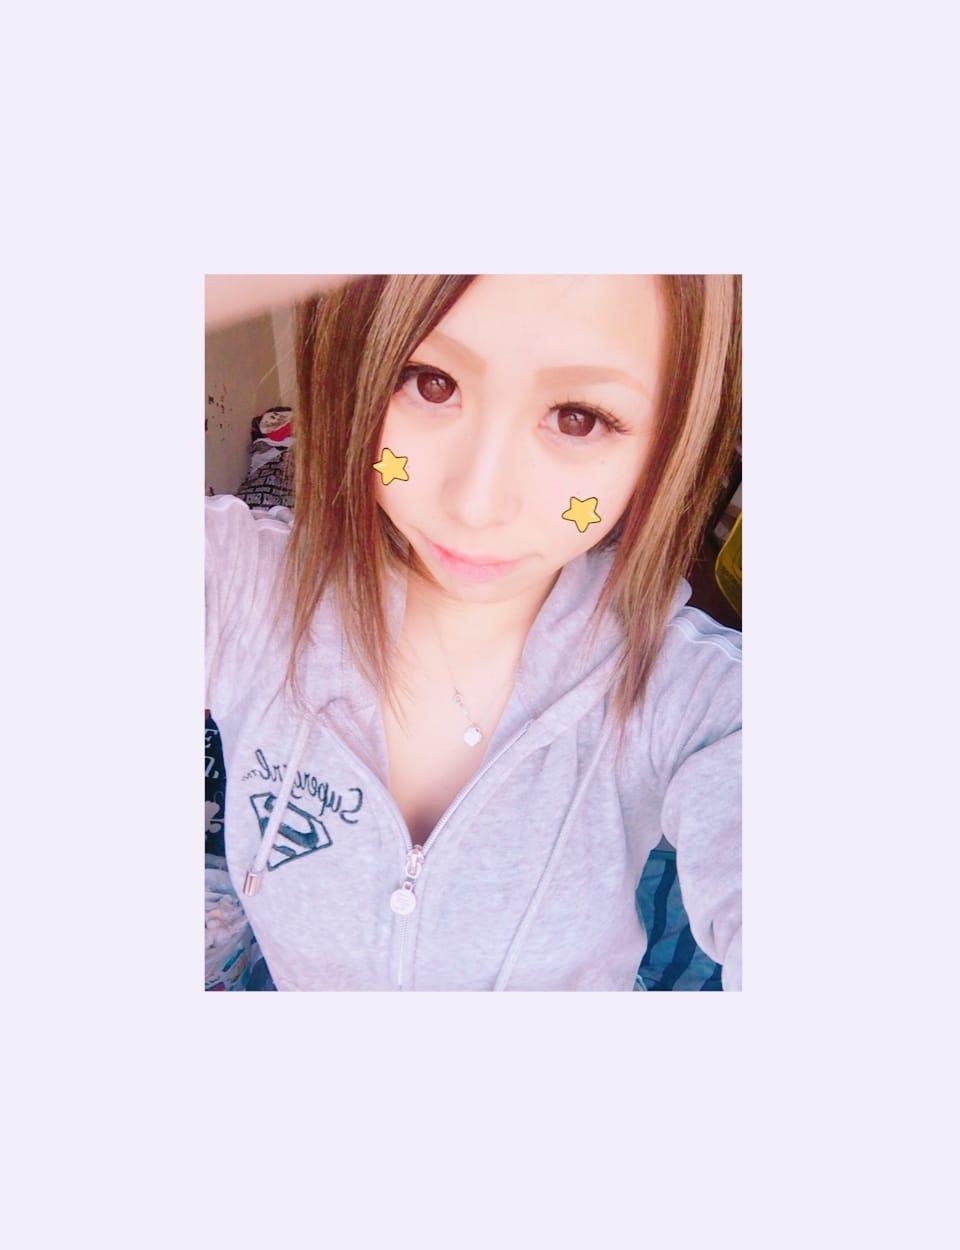 みくり「おはおは」02/23(金) 17:47 | みくりの写メ・風俗動画